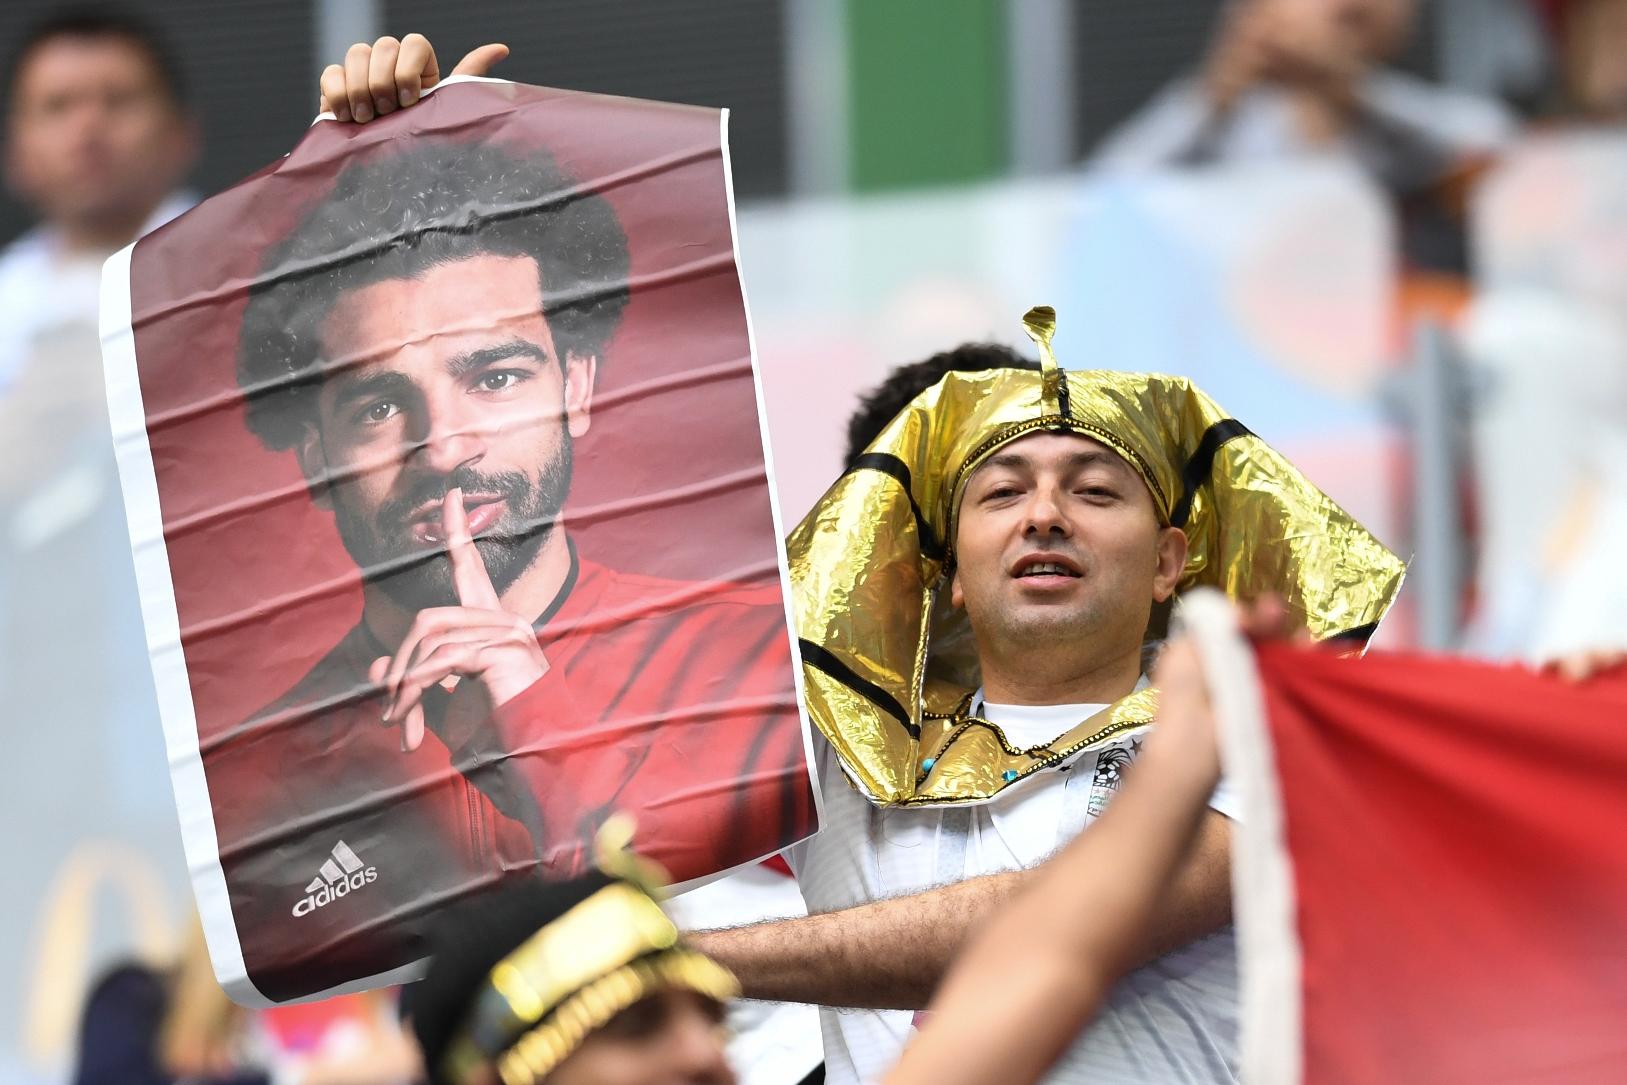 Torcedor do Egito fantasiado de faraó com retrato de Salah, no estádio de São Petesburgo. Foto de Giuseppe Cacace (AFP)